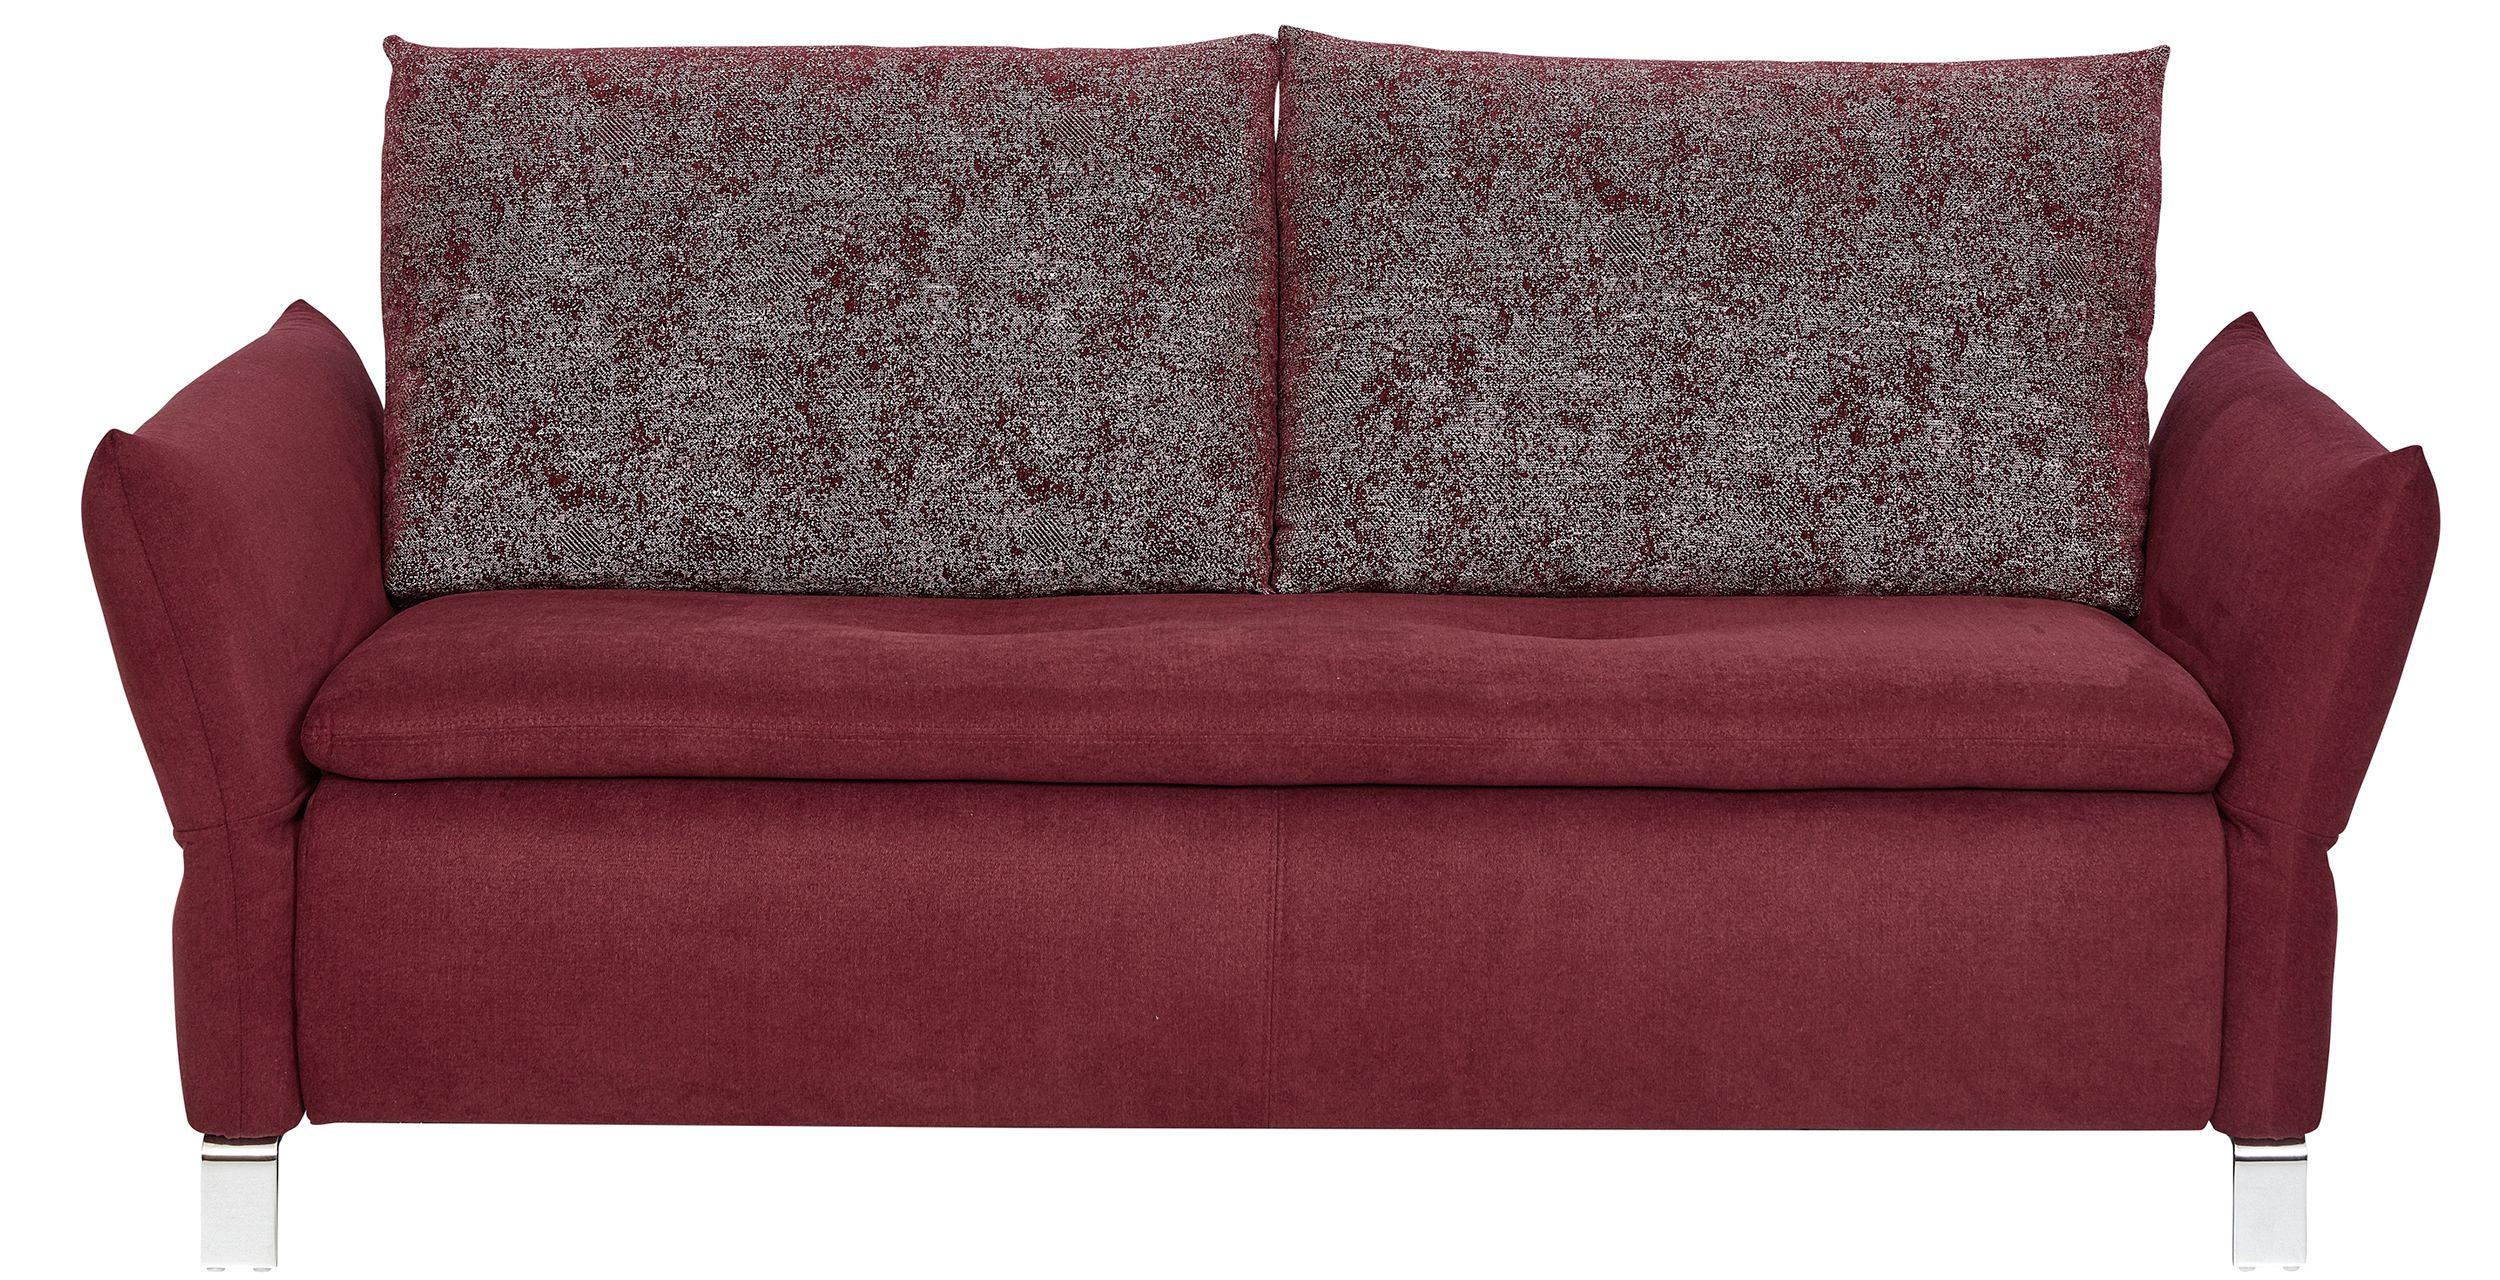 Full Size of Schlafsofa In Rot Bett 200x200 Mit Bettkasten Komforthöhe Liegefläche 160x200 Stauraum Weiß 180x200 Betten Wohnzimmer Schlafsofa 200x200